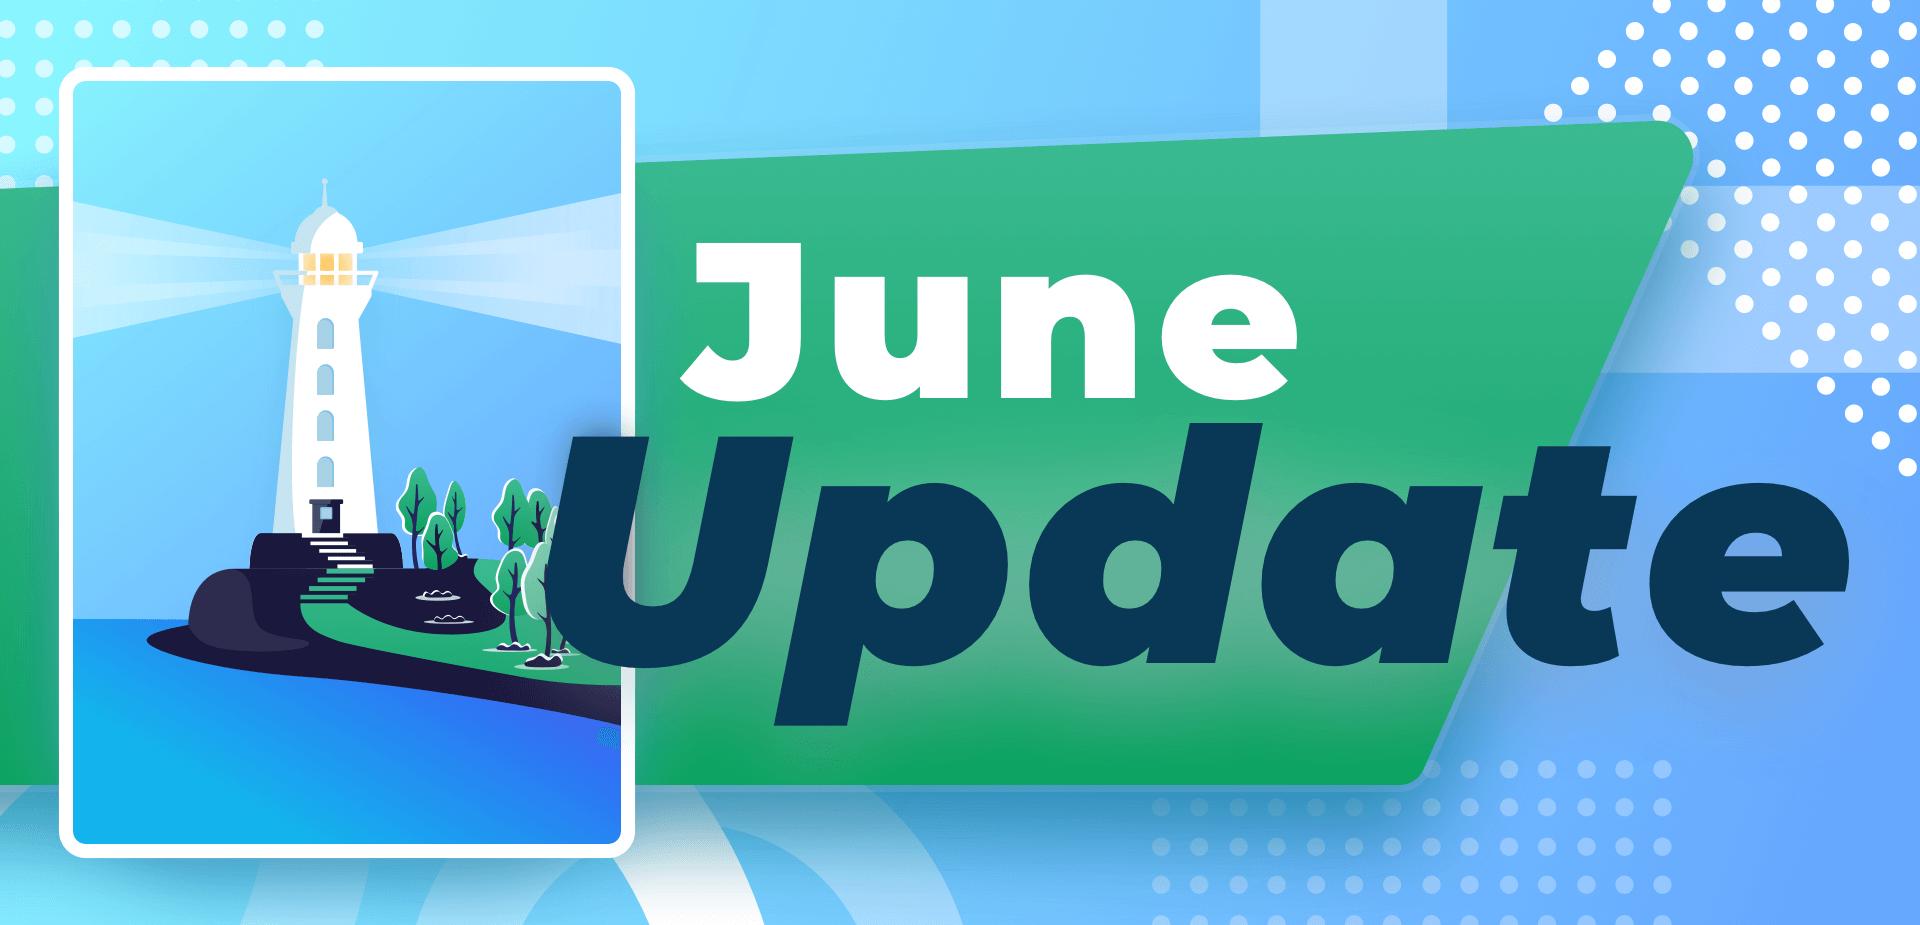 June 2018 Updates